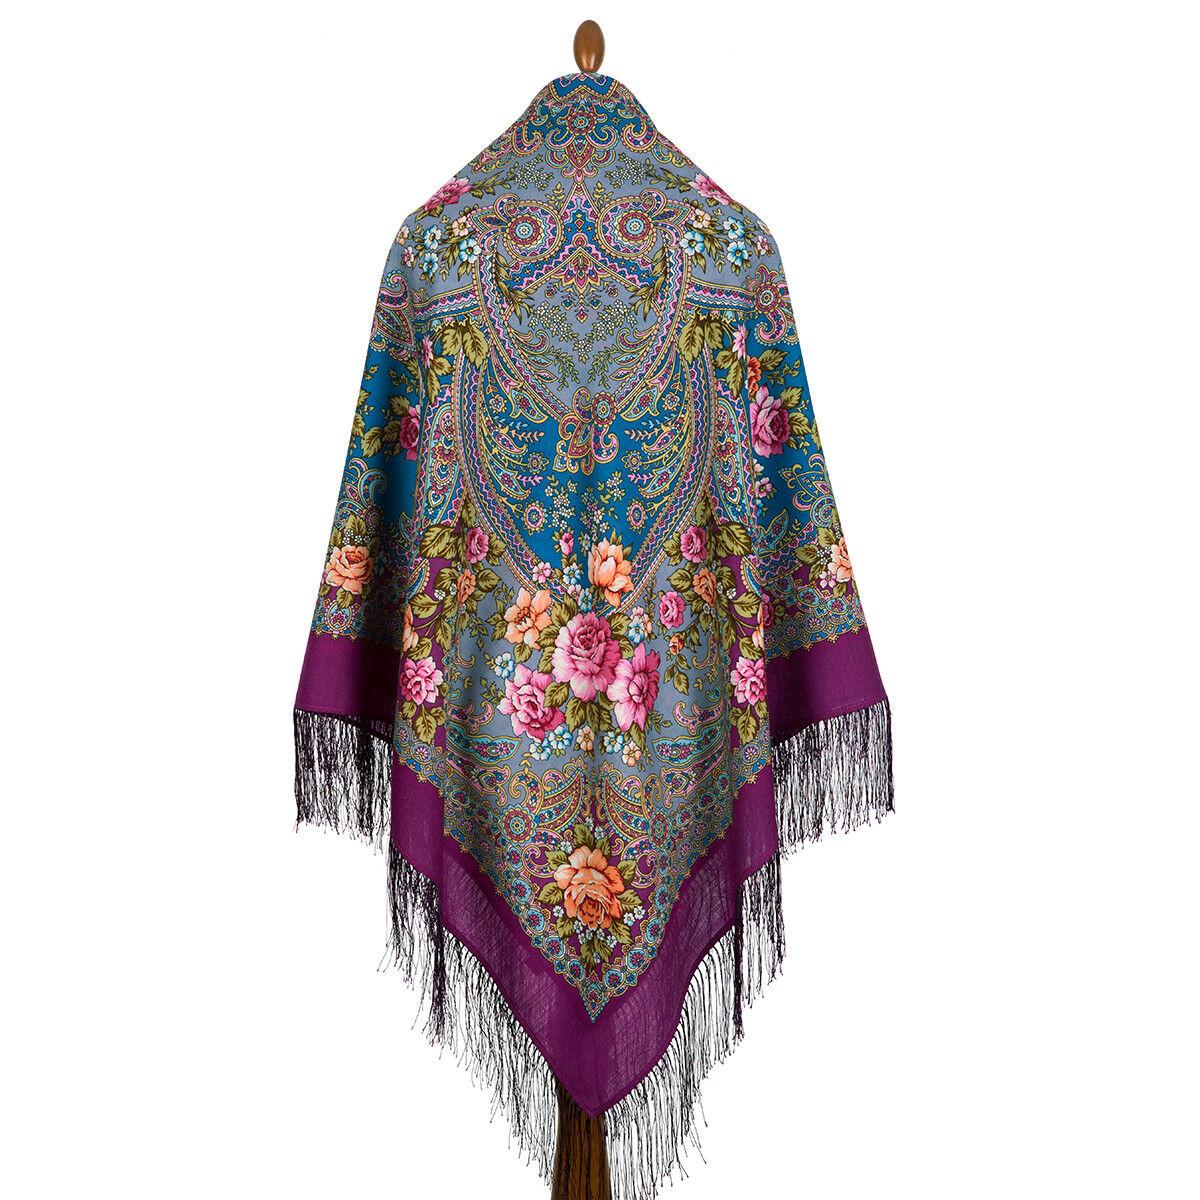 Pawlow Posad Pavlovo Posad russischer Schal-Tuch Tradition146x146 Wolle 1755-15 | Deutschland Outlet  | Clever und praktisch  | eine breite Palette von Produkten